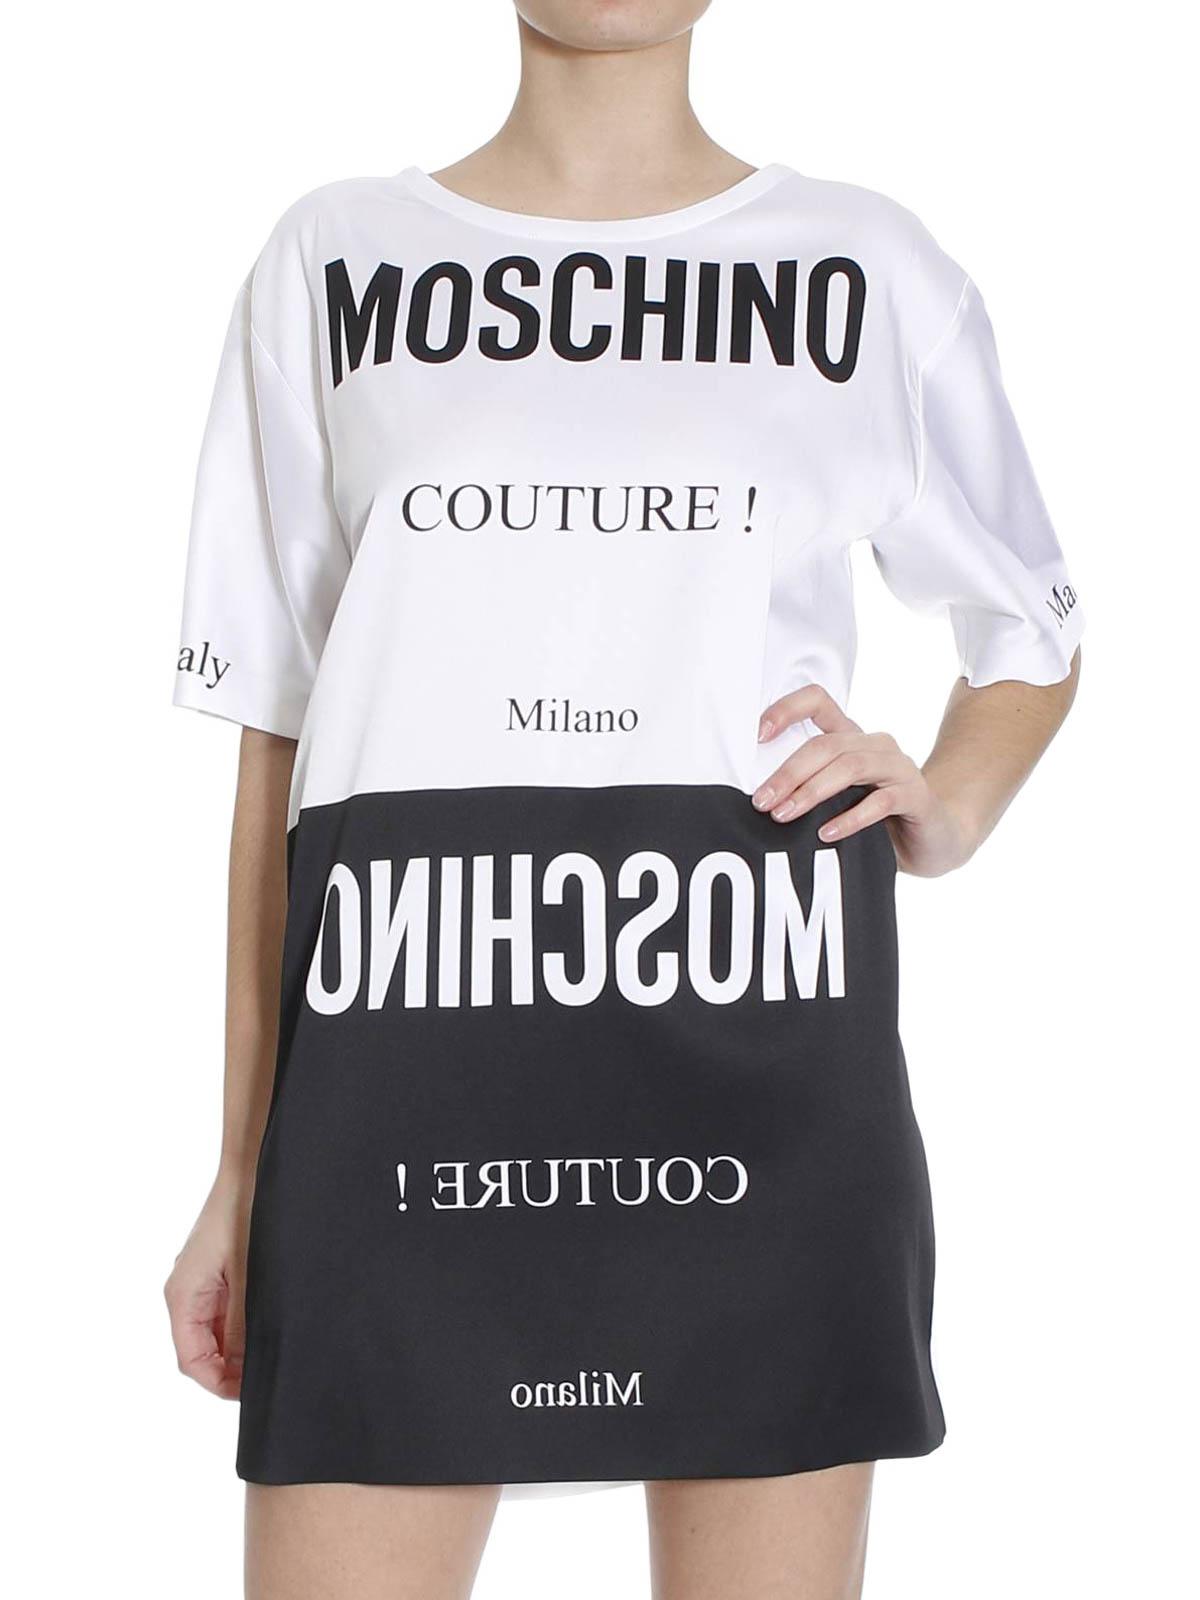 sneakers for cheap 430c7 9eeca Moschino Couture - Abito bicolore con scritte - abiti corti ...